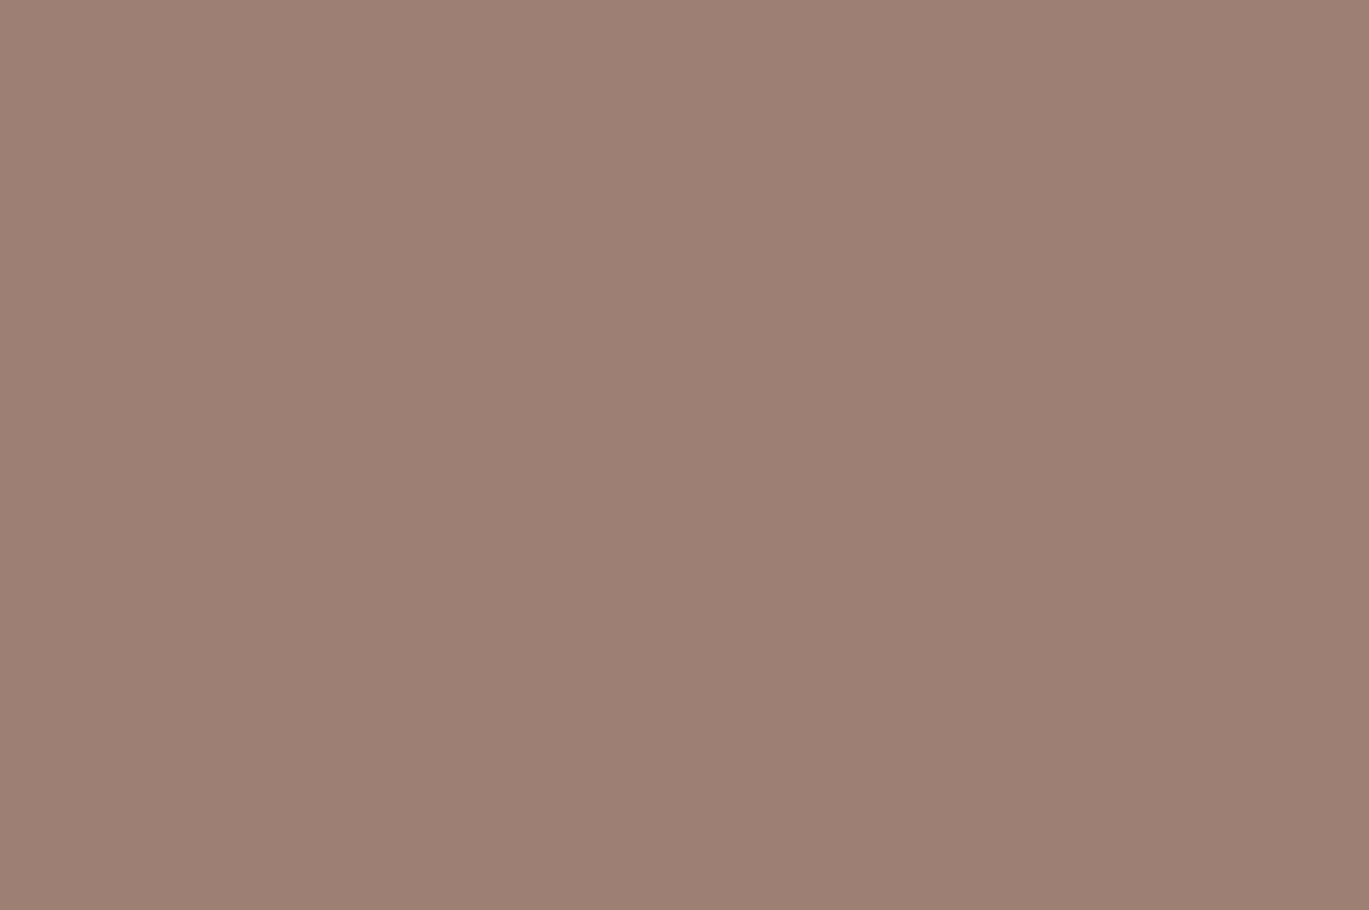 519060.average - Народный промысел родного края